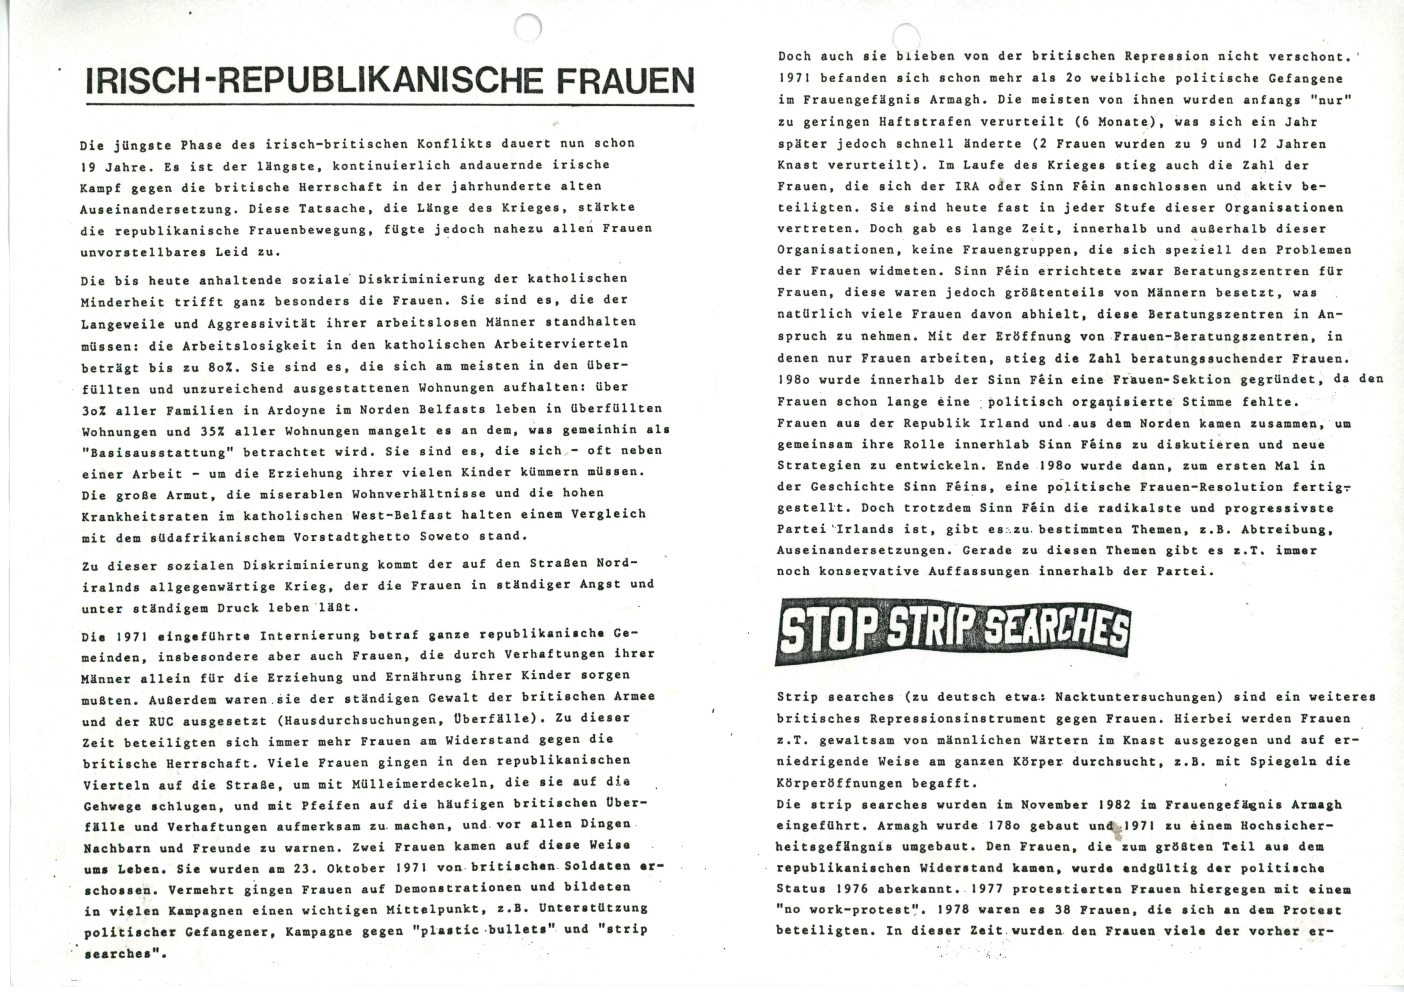 Freiburg_Nordirland_Reader_1988_18